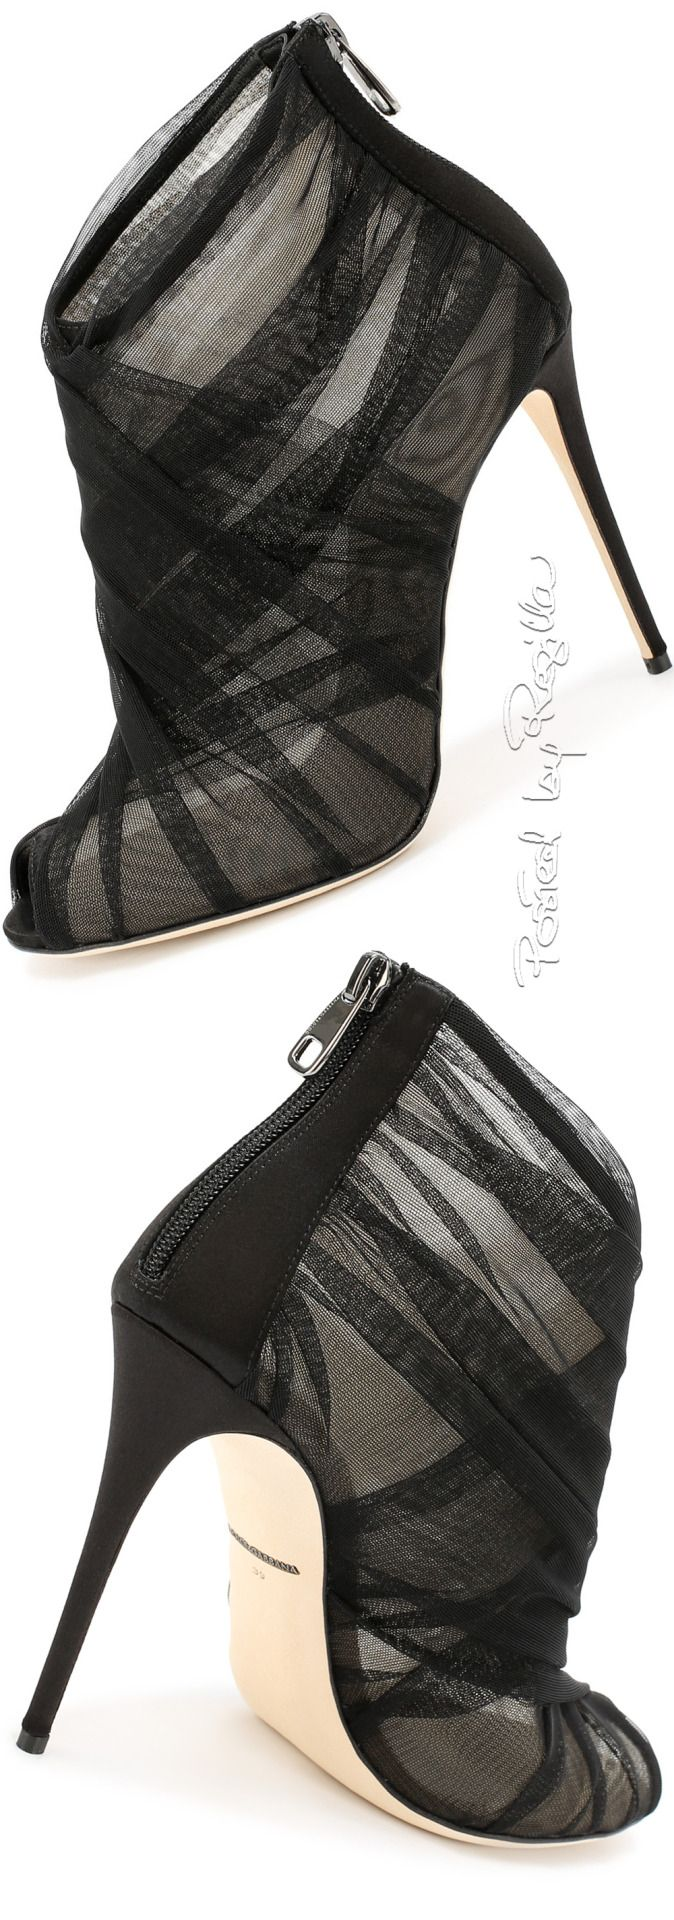 Regilla ⚜ Dolce & Gabbana